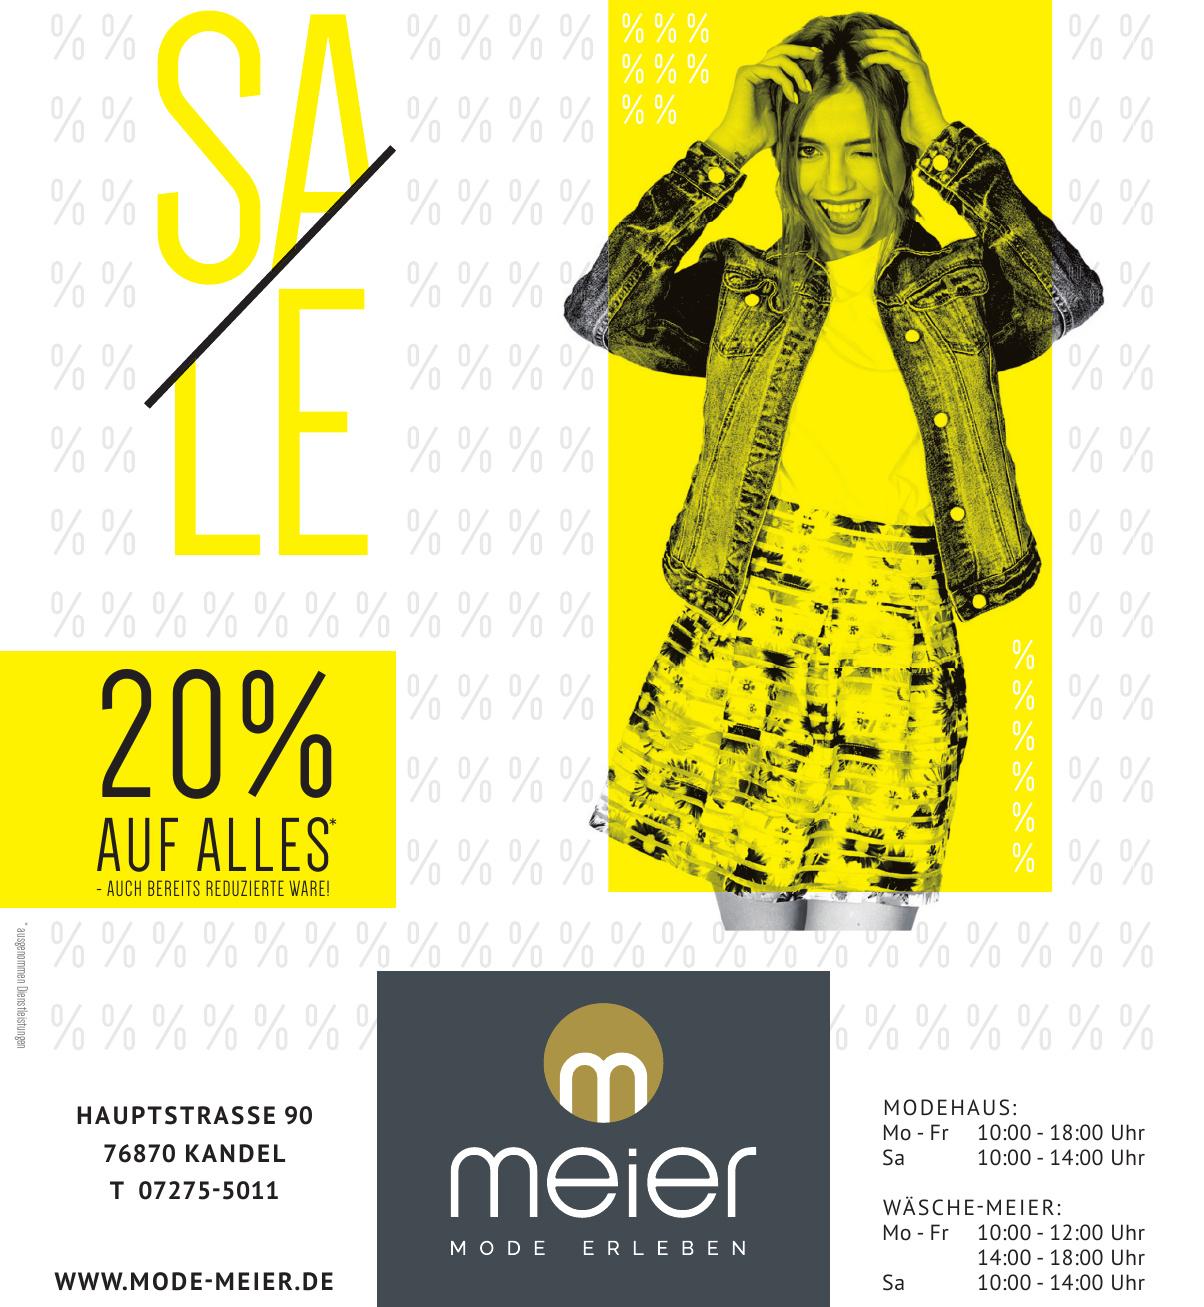 Mode Meier